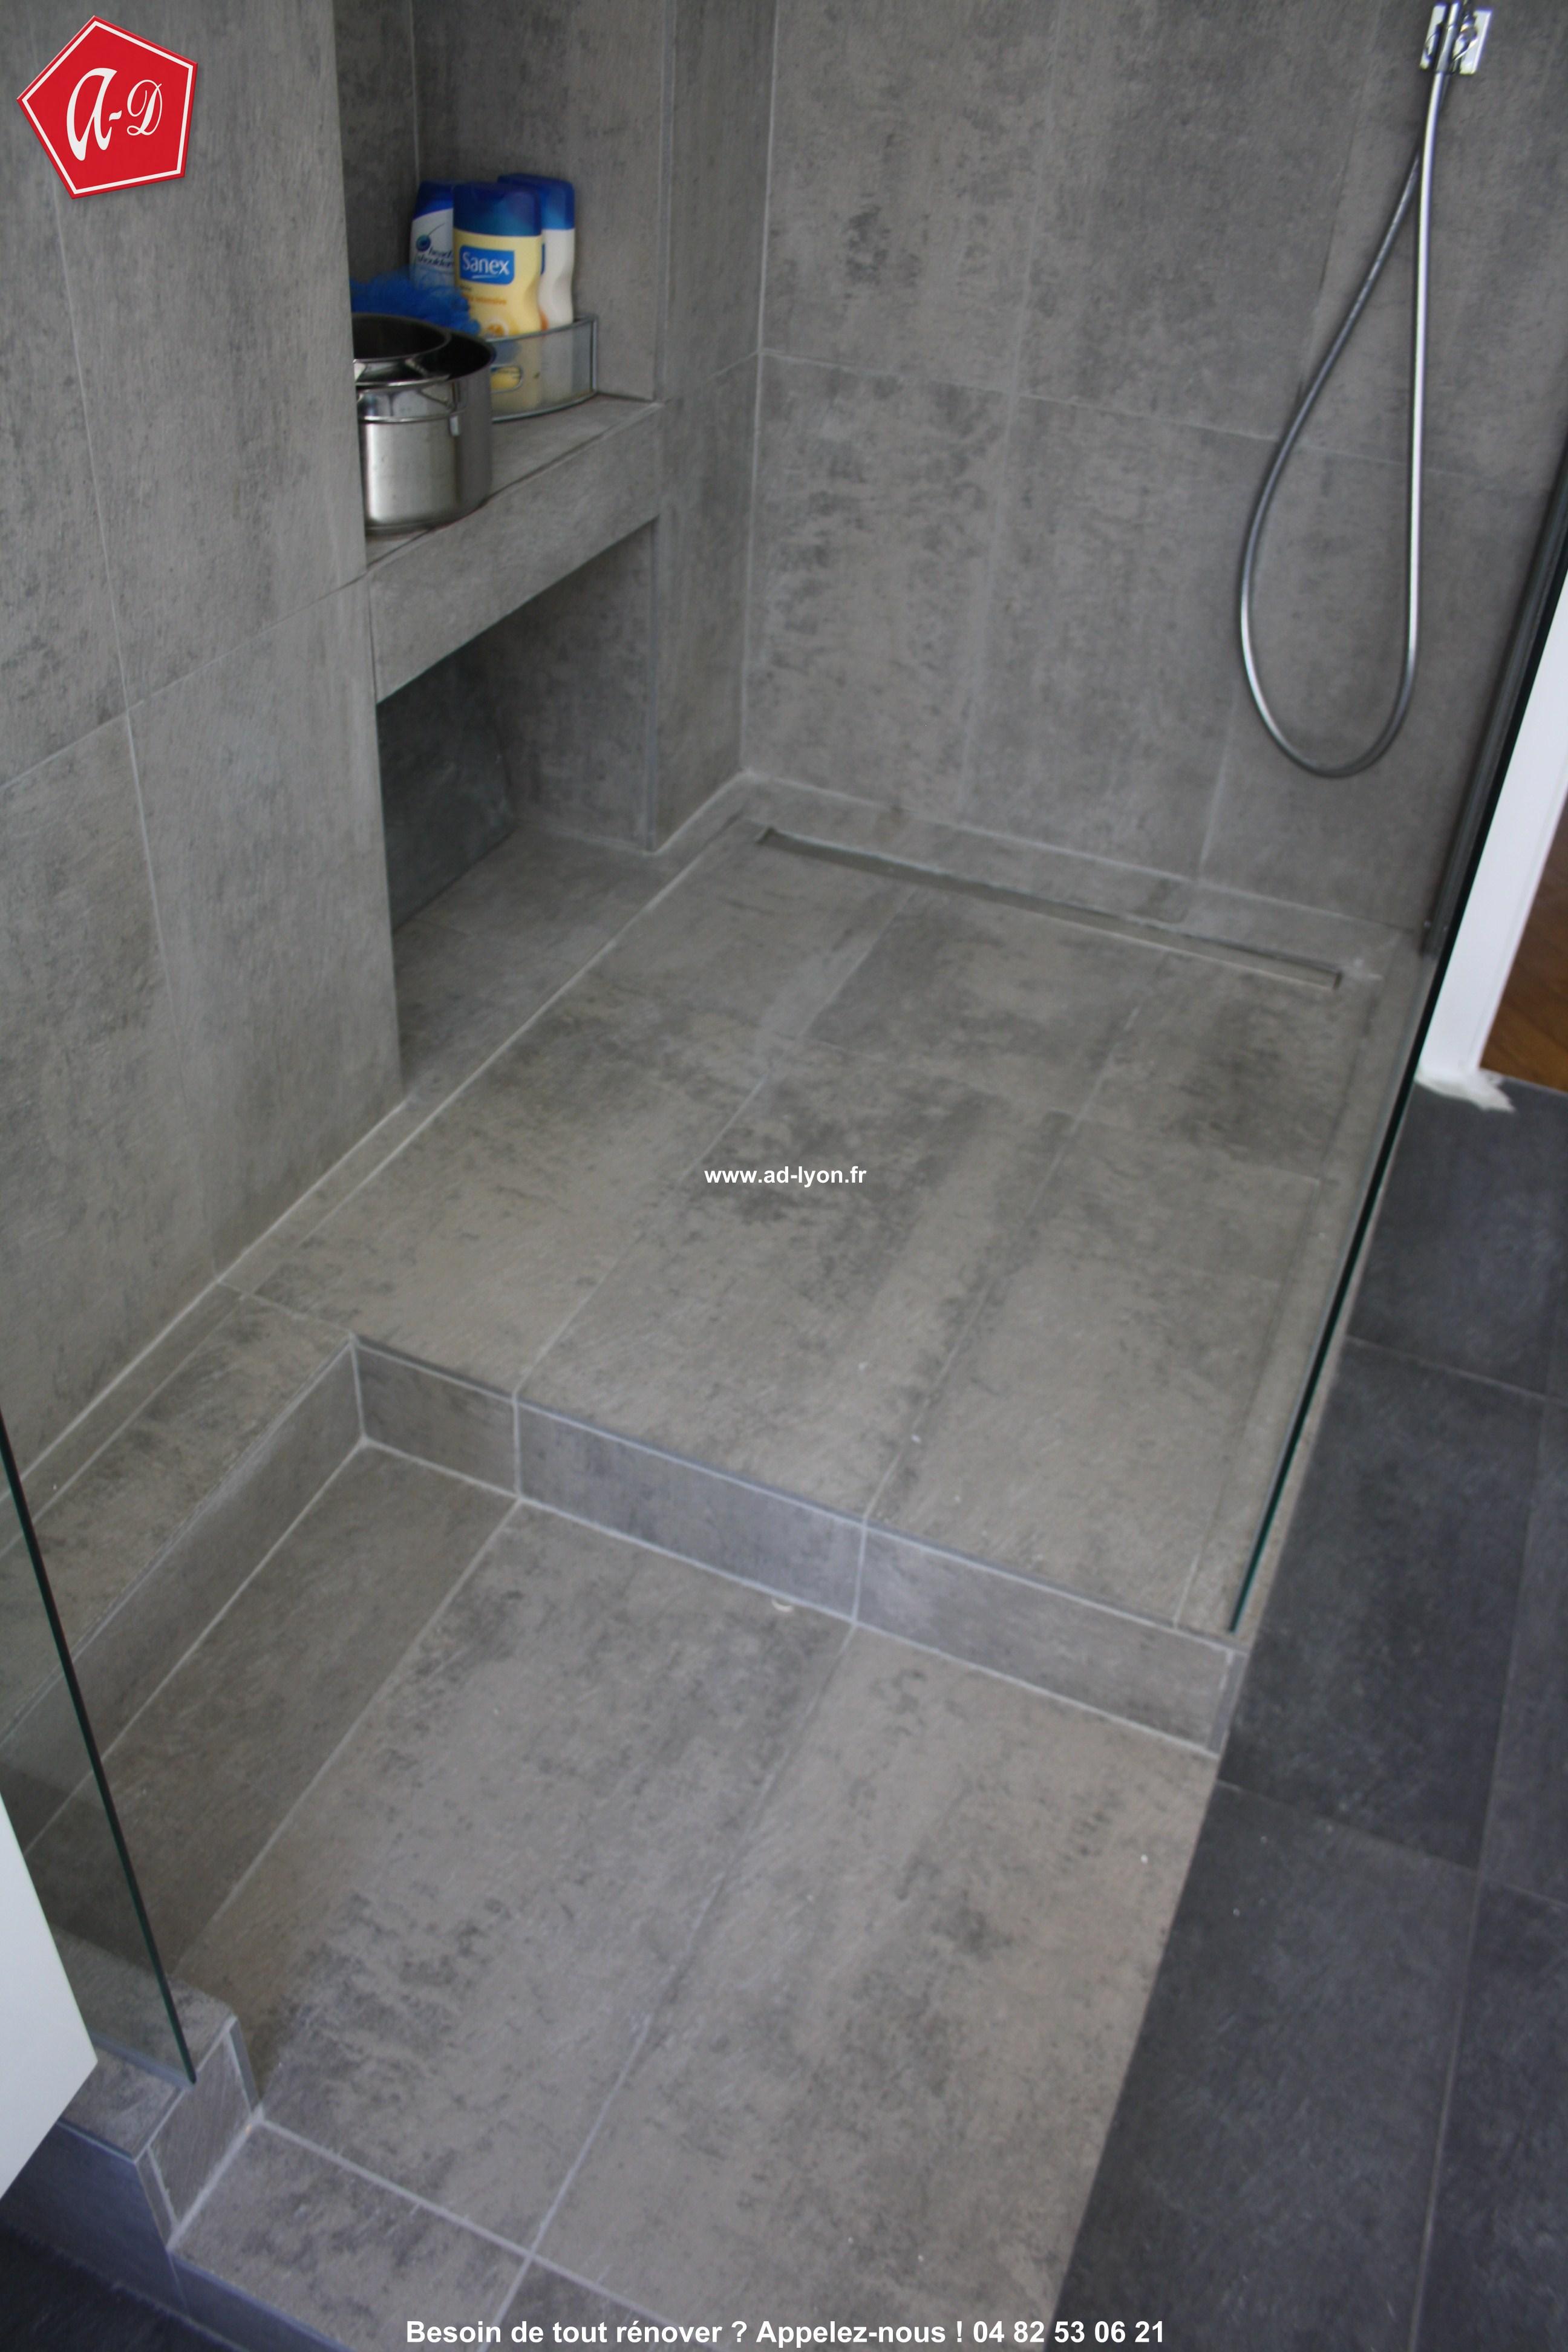 Combien va vous couter la rénovation de votre salle de bain ?